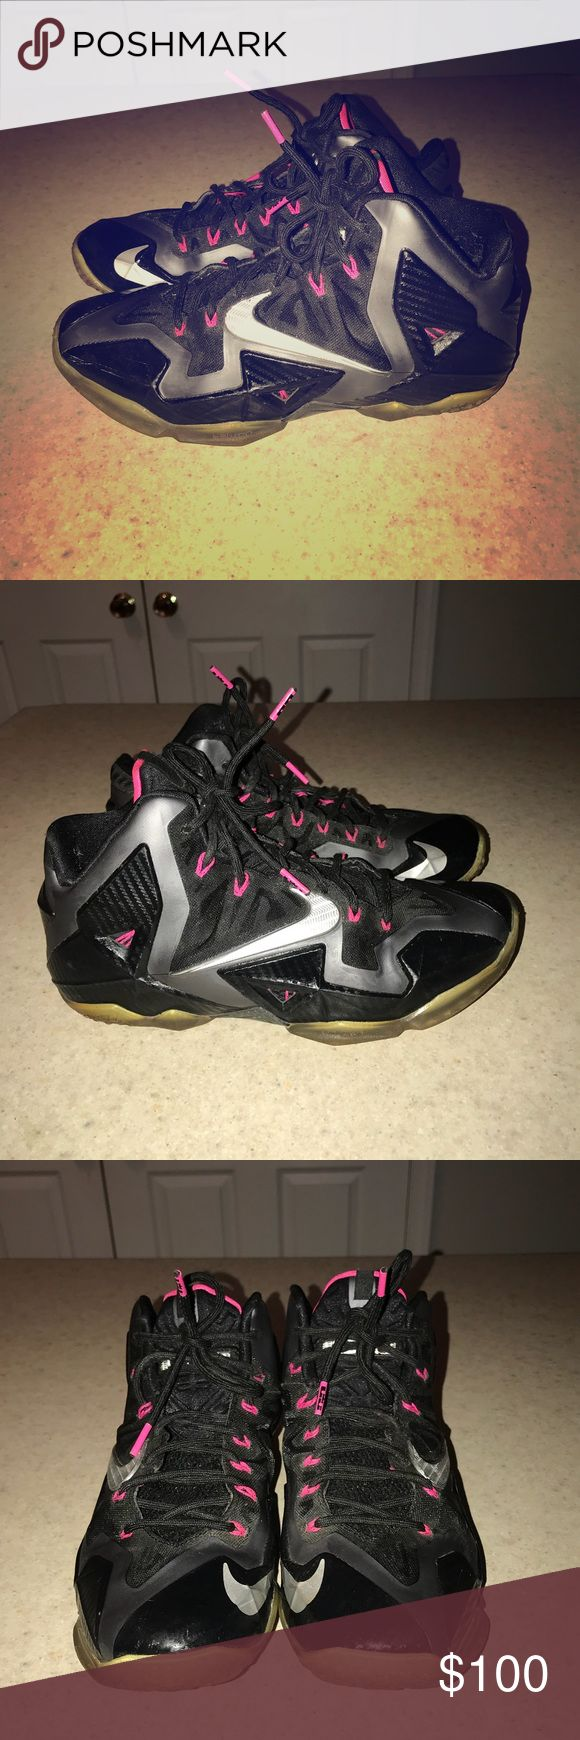 """Lebron 11 """"Miami Night"""" size 9.5 Men's Lebron 11 """"Miami night"""" size 9.5 used. Stain free smoke free. Nike Shoes Sneakers"""